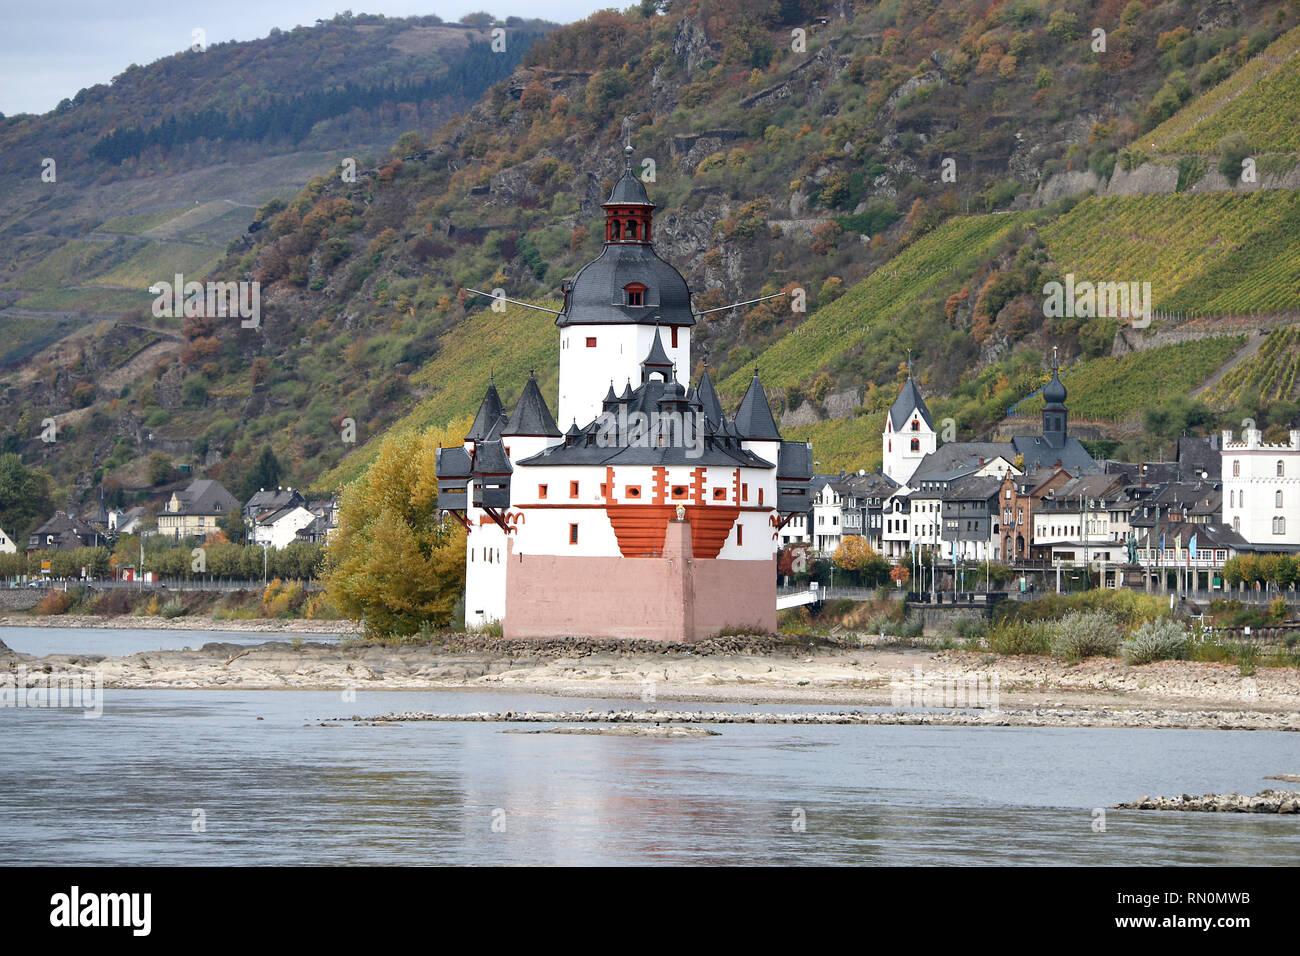 Pfalzgrafenstein, Kaub am Rhein, Germany Stock Photo